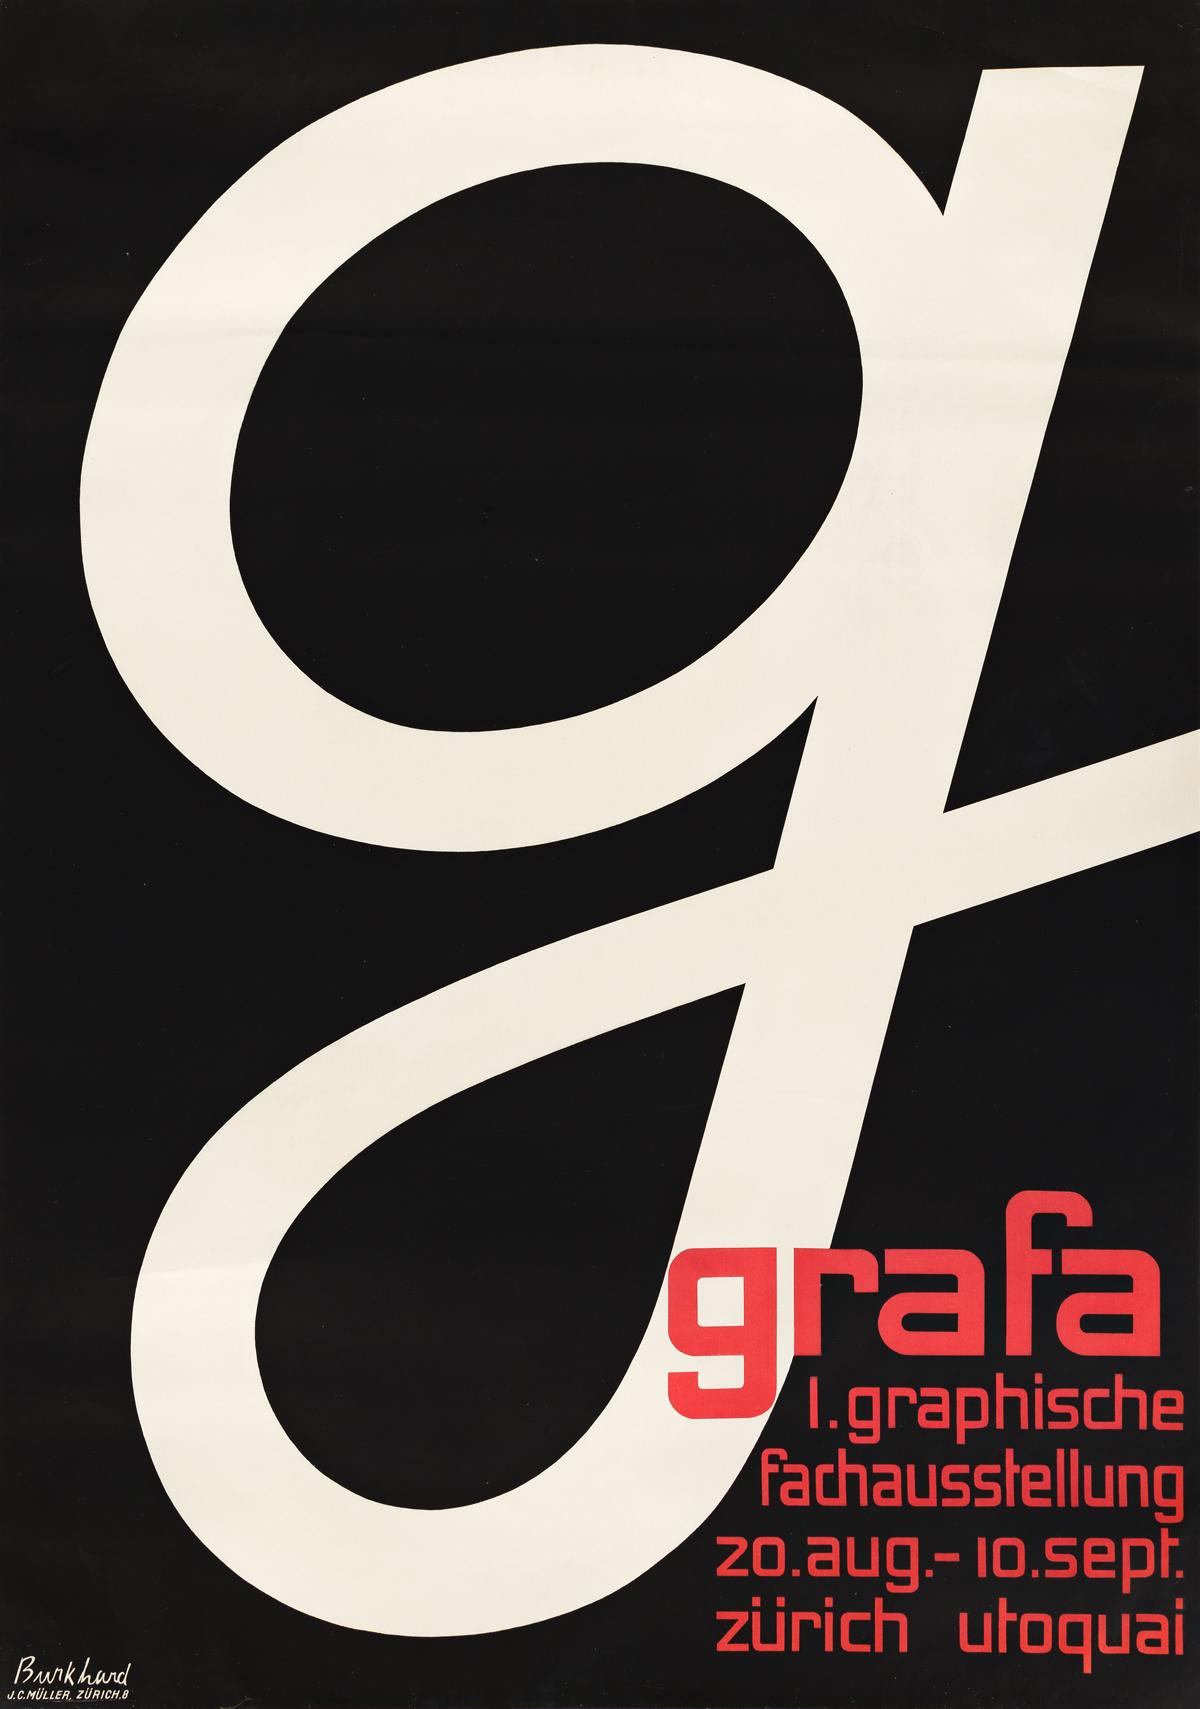 BURKHARD (DATES UNKNOWN).  GRAFA / I. GRAPHISCHE FACHAUSSTELLUNG. 1933. 50¼x35¼ inches, 127x90¼ cm. J.C. Müller, Zurich.